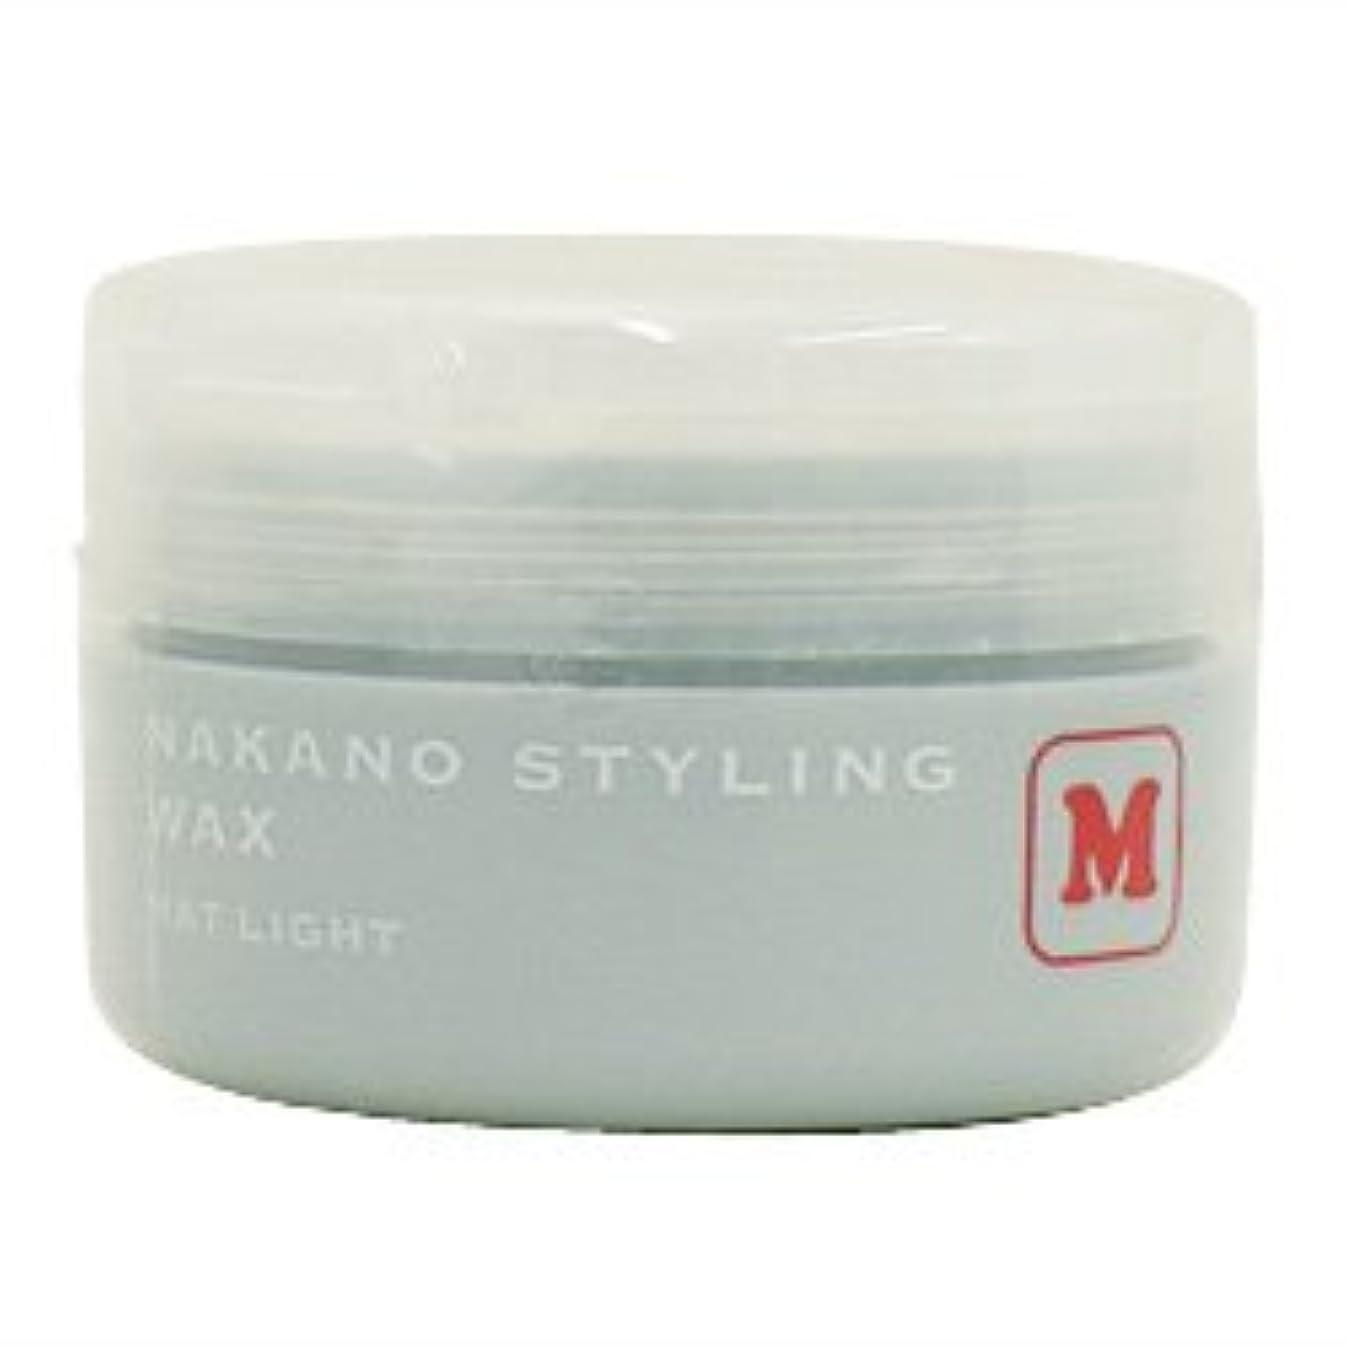 まさに塩辛い干渉するナカノ スタイリング ワックス M マットライト 90g 中野製薬 NAKANO